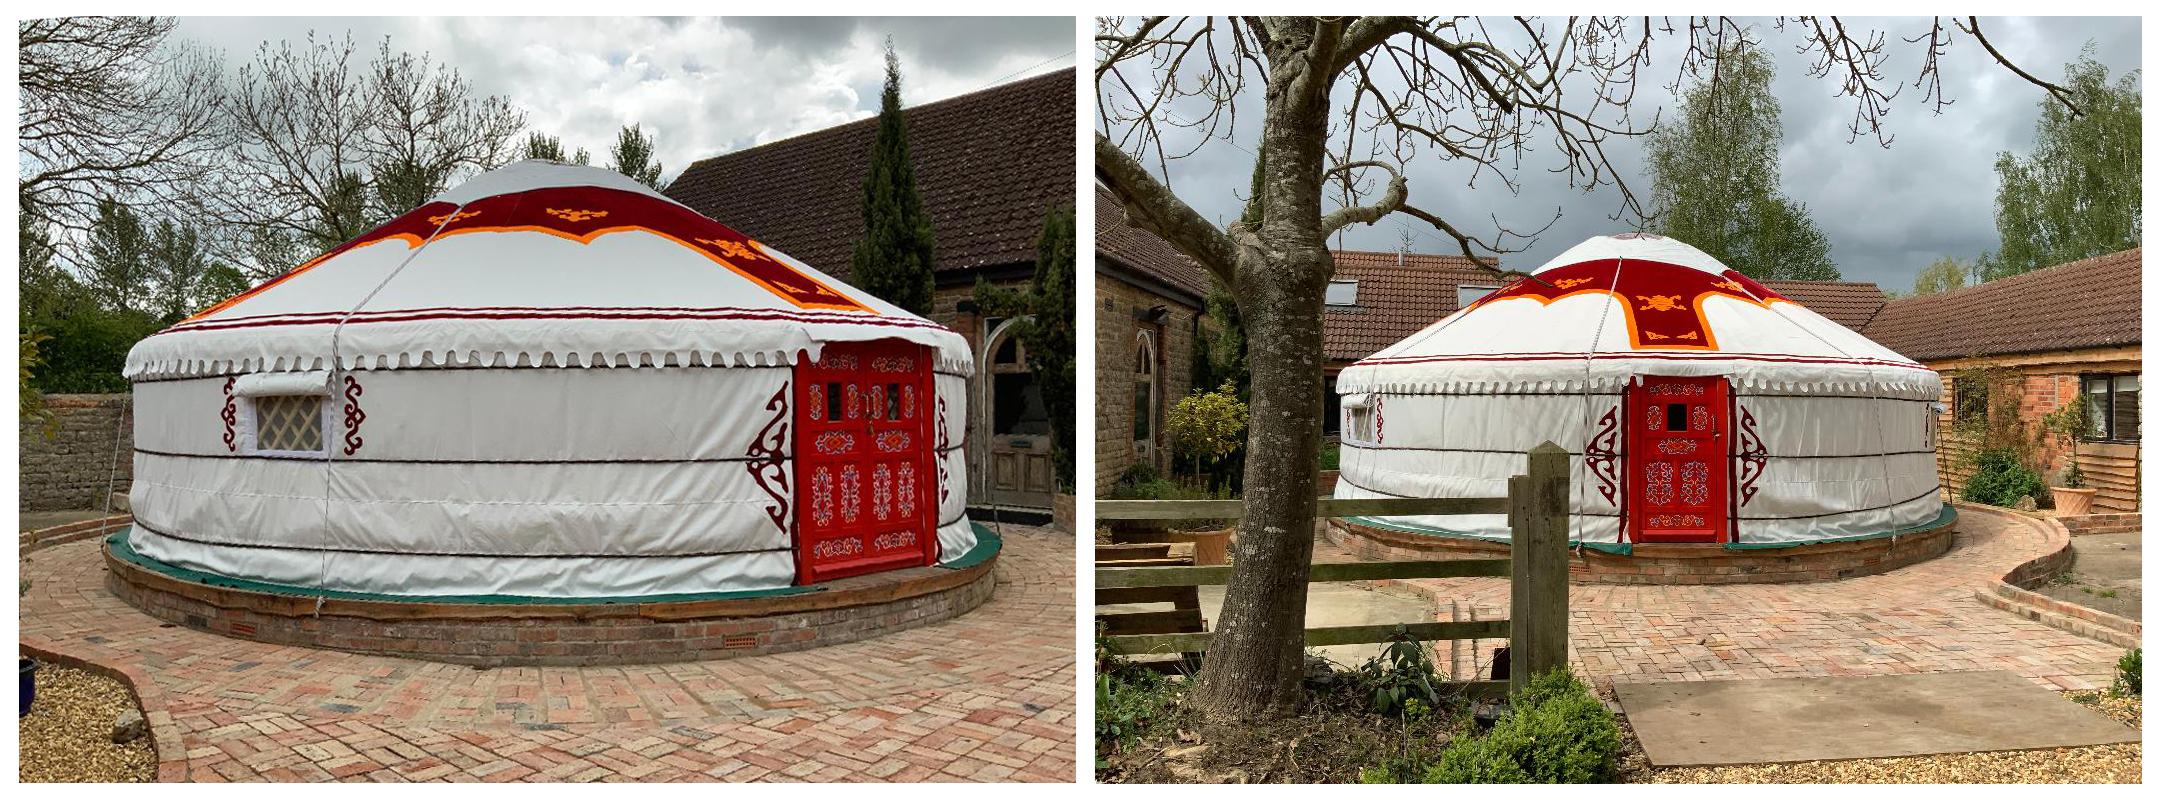 New 8m Diameter Yurt